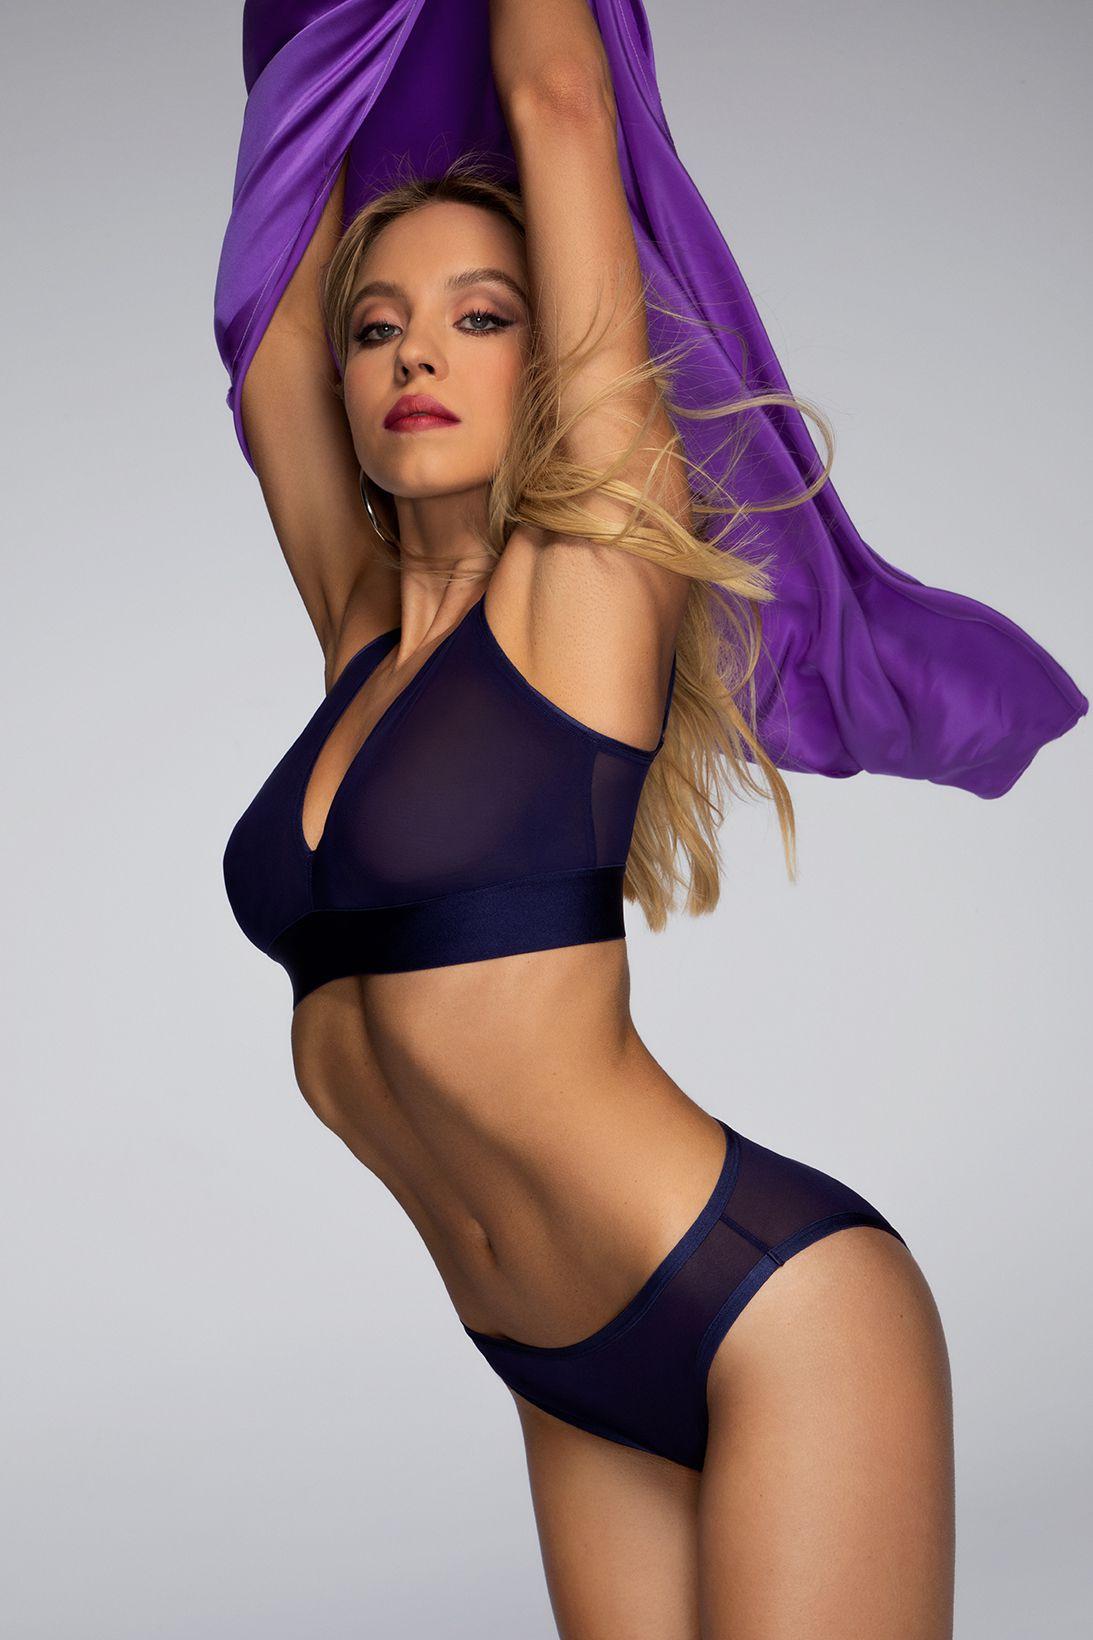 Sydney Sweeney Fantastic Body In Lingerie